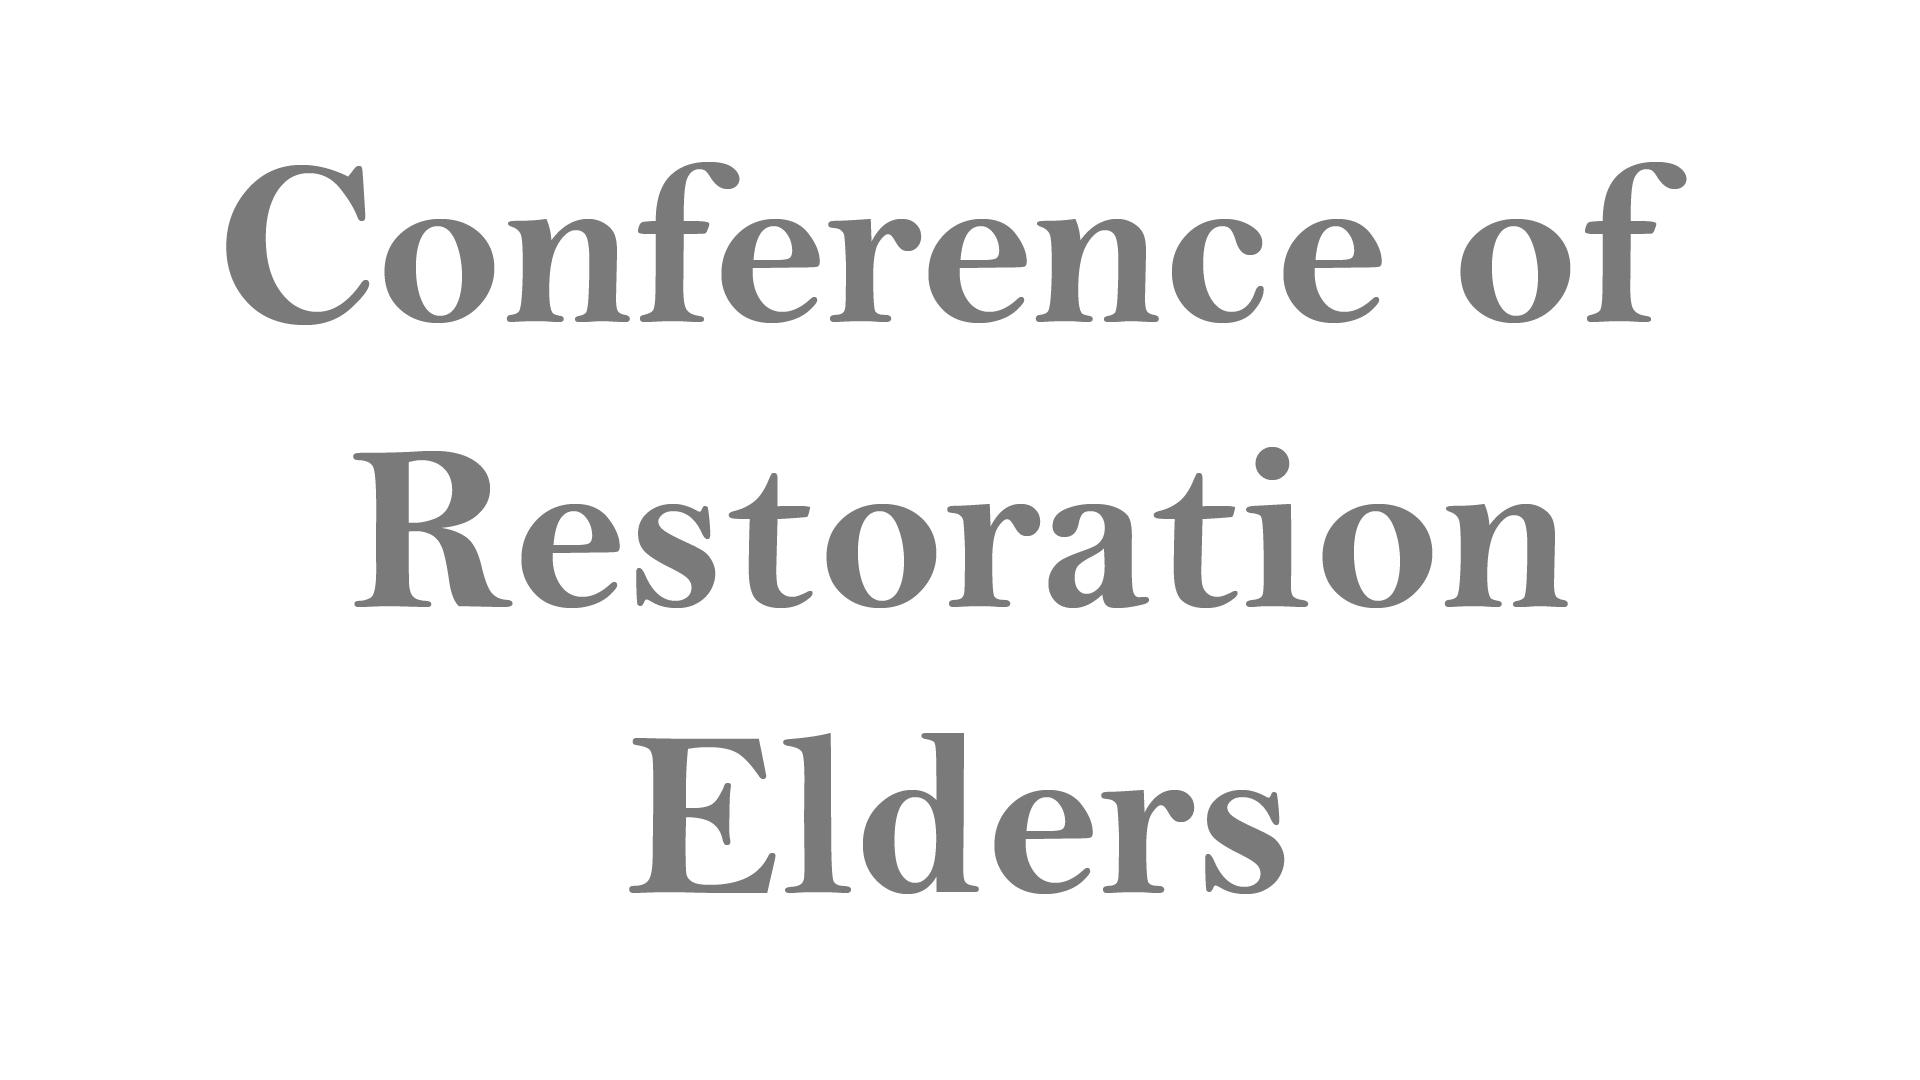 Conference of Restoration Elders